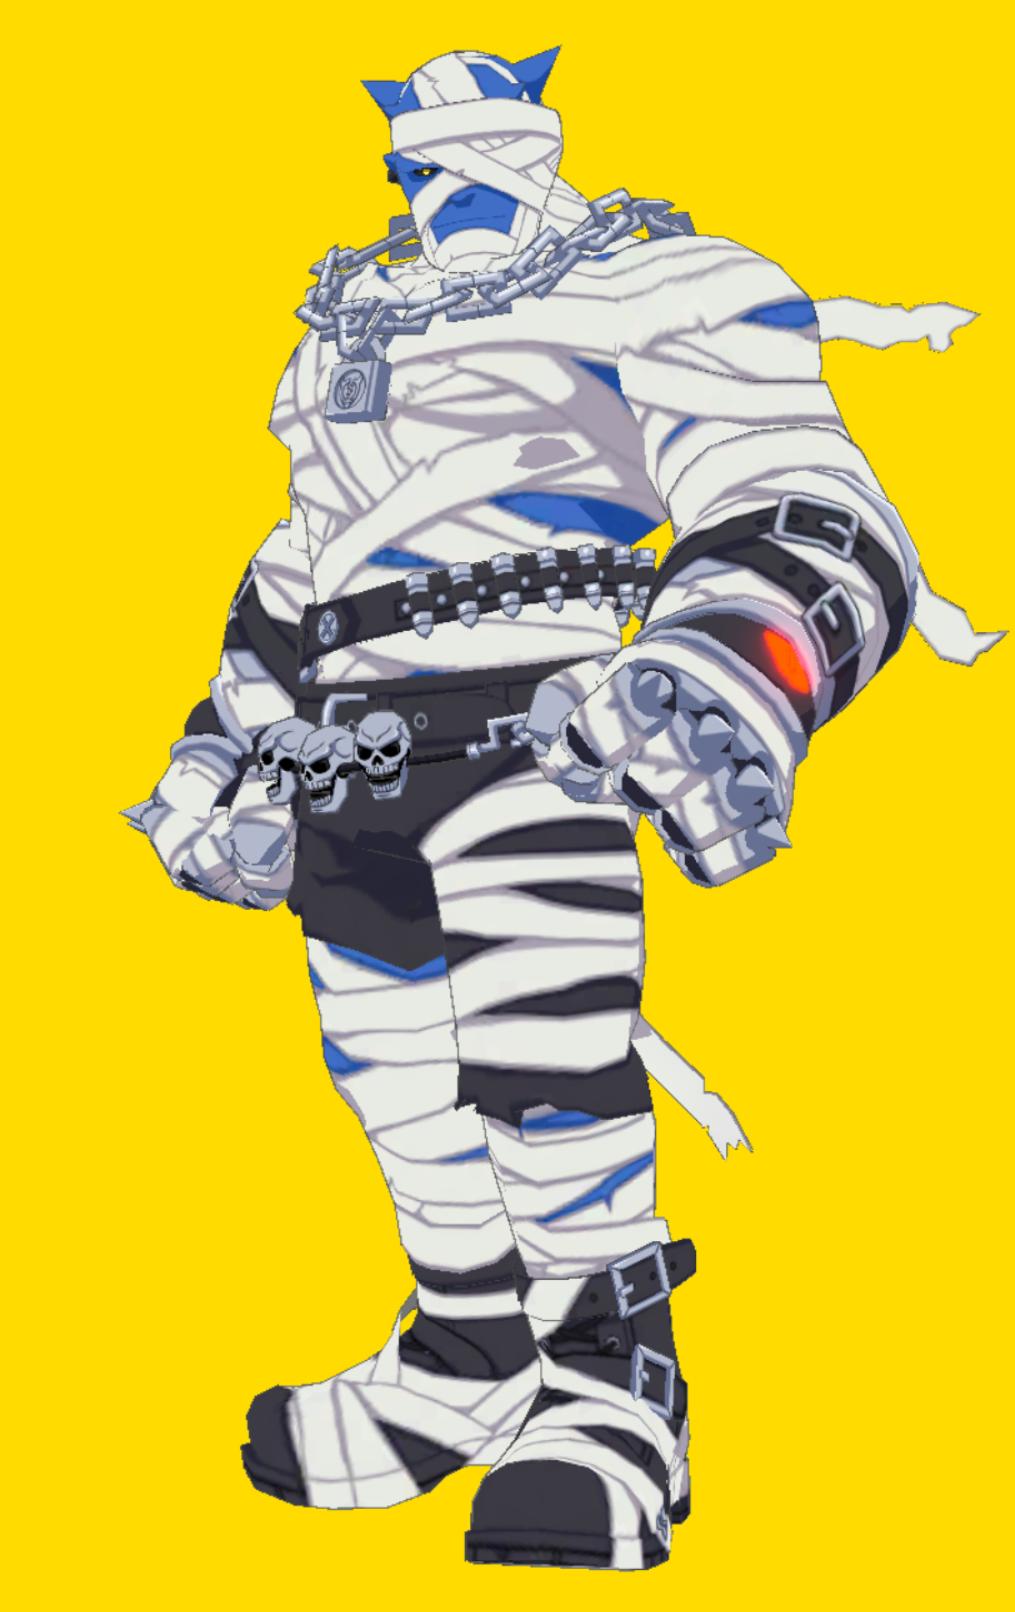 キックフライト【攻略】:ディアトリウスのおすすめデッキと立ち回り方【10/26更新】